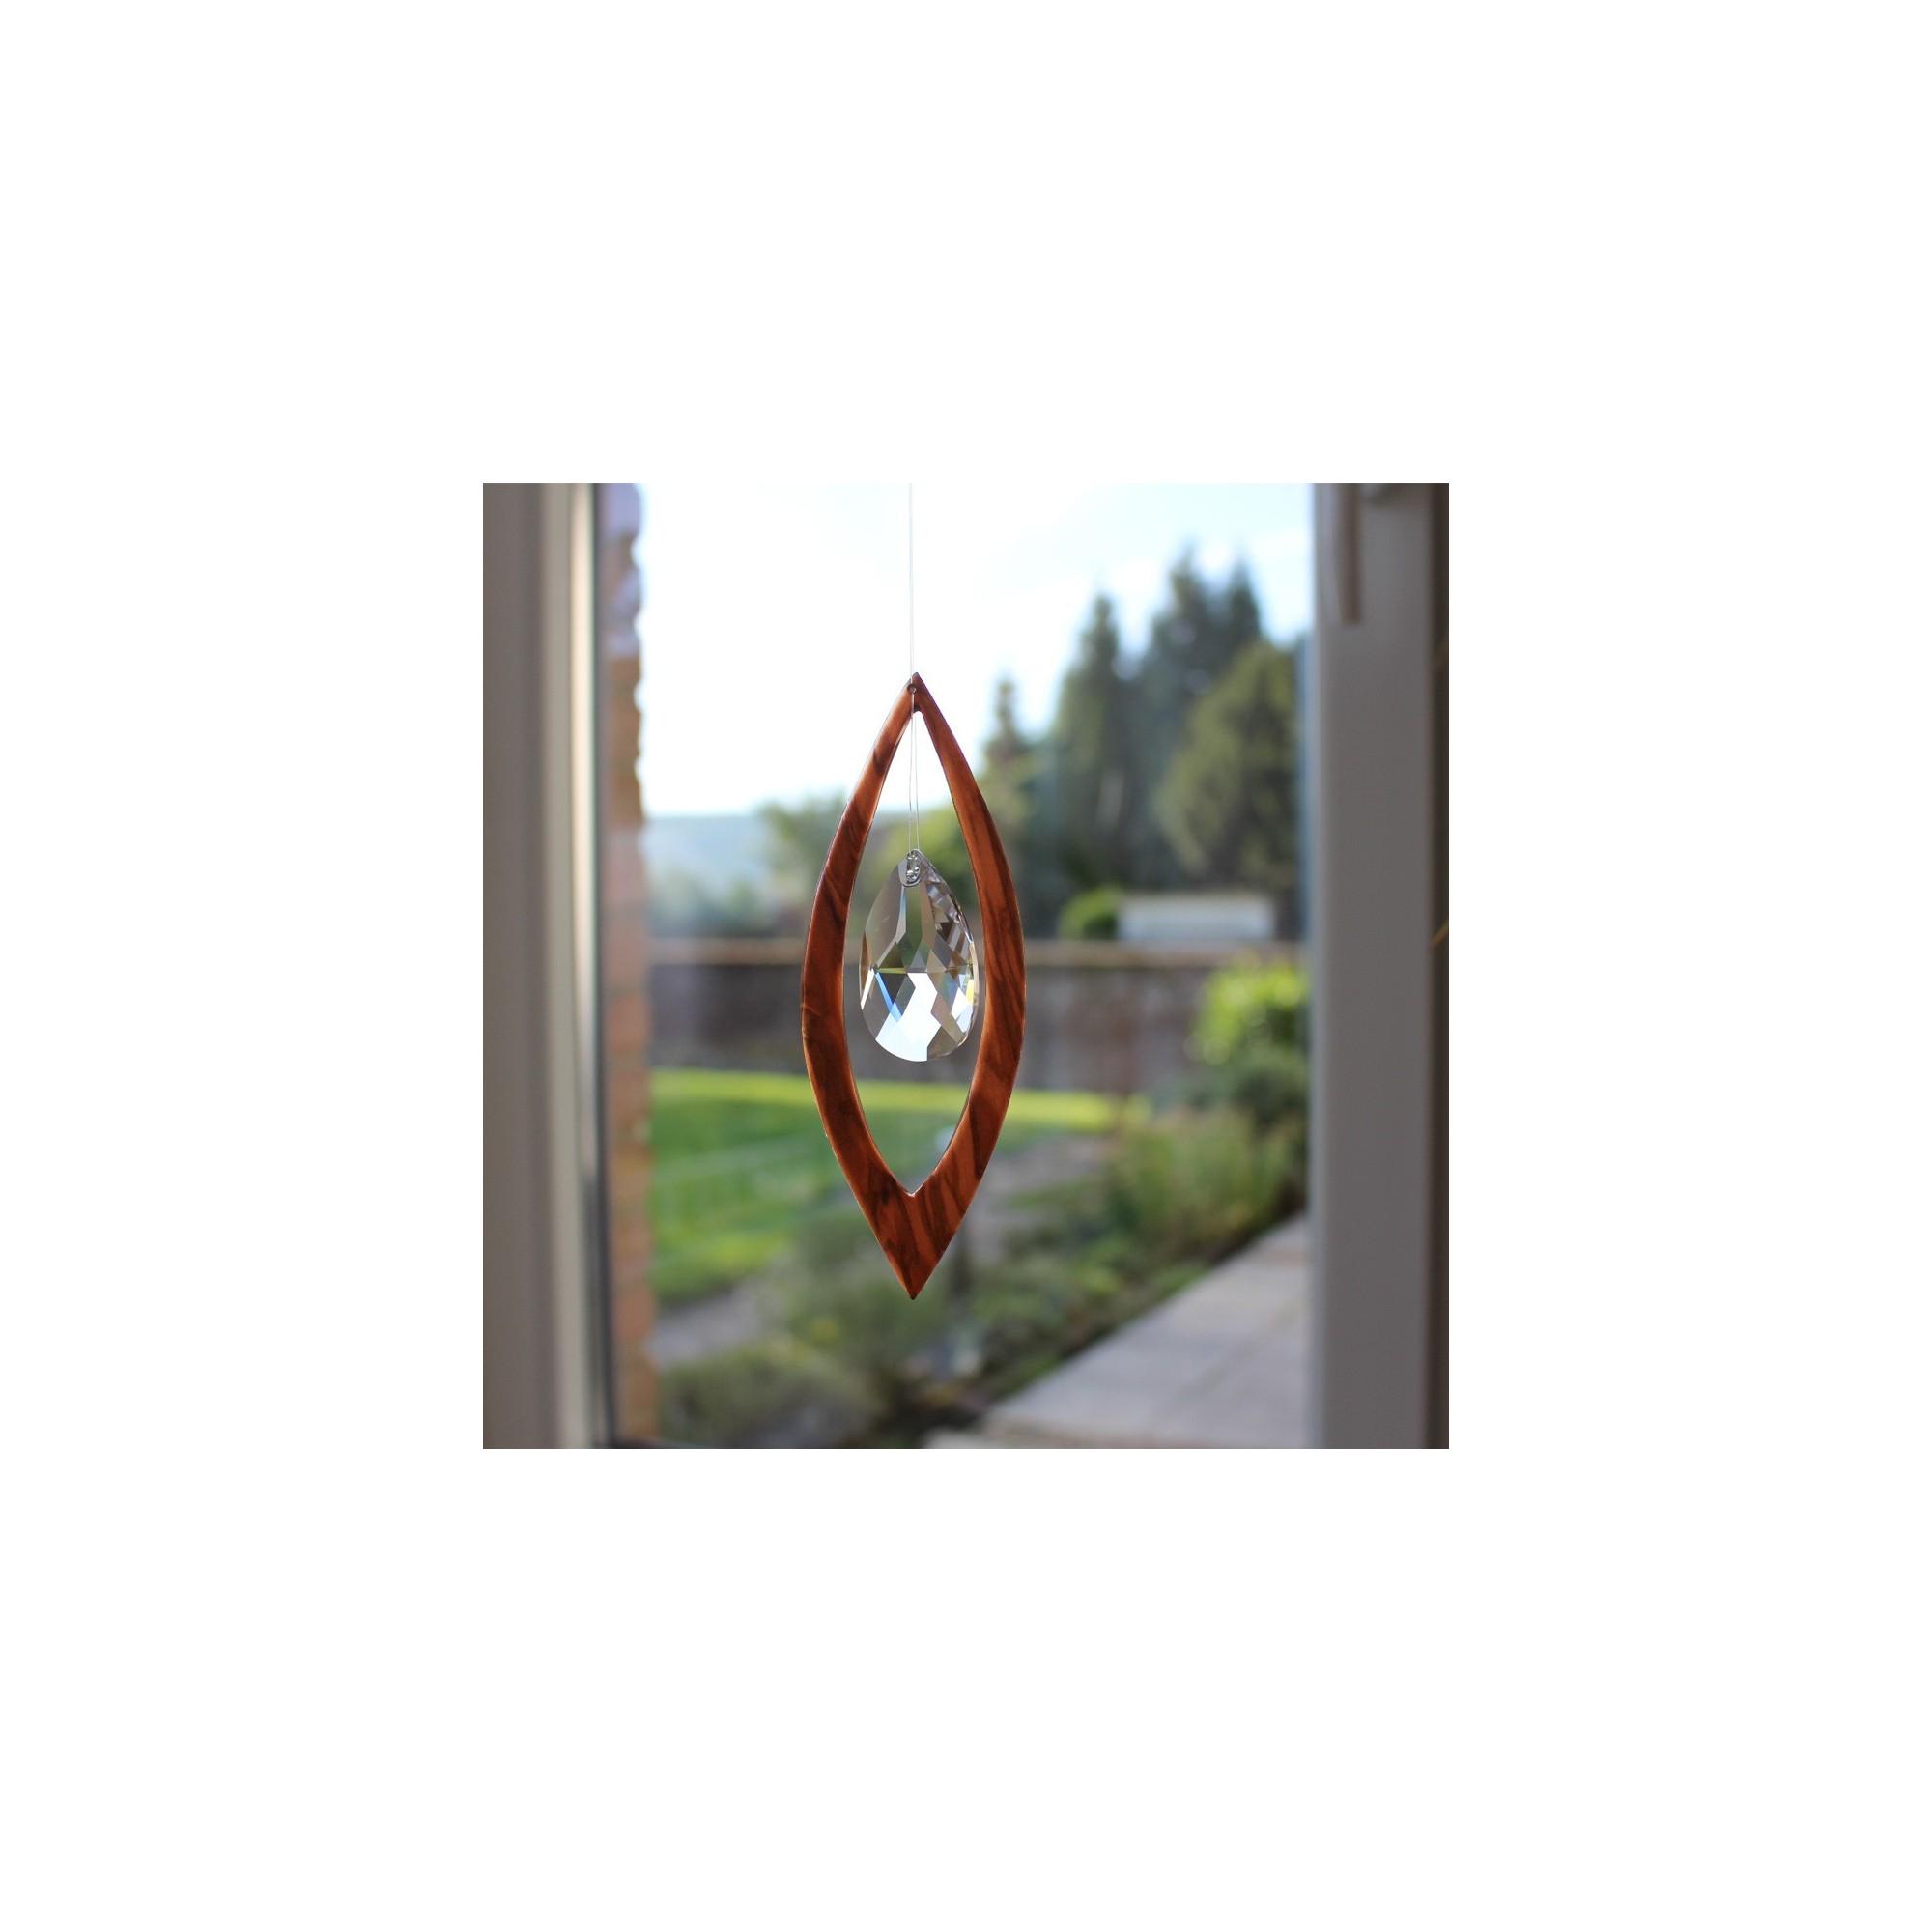 Ikea Weihnachten Christbaumkugel Dekokugel Aus Glas Gold: Fensterdeko Aus Glas. Dekokugel Fensterdeko Aus Lauschaer